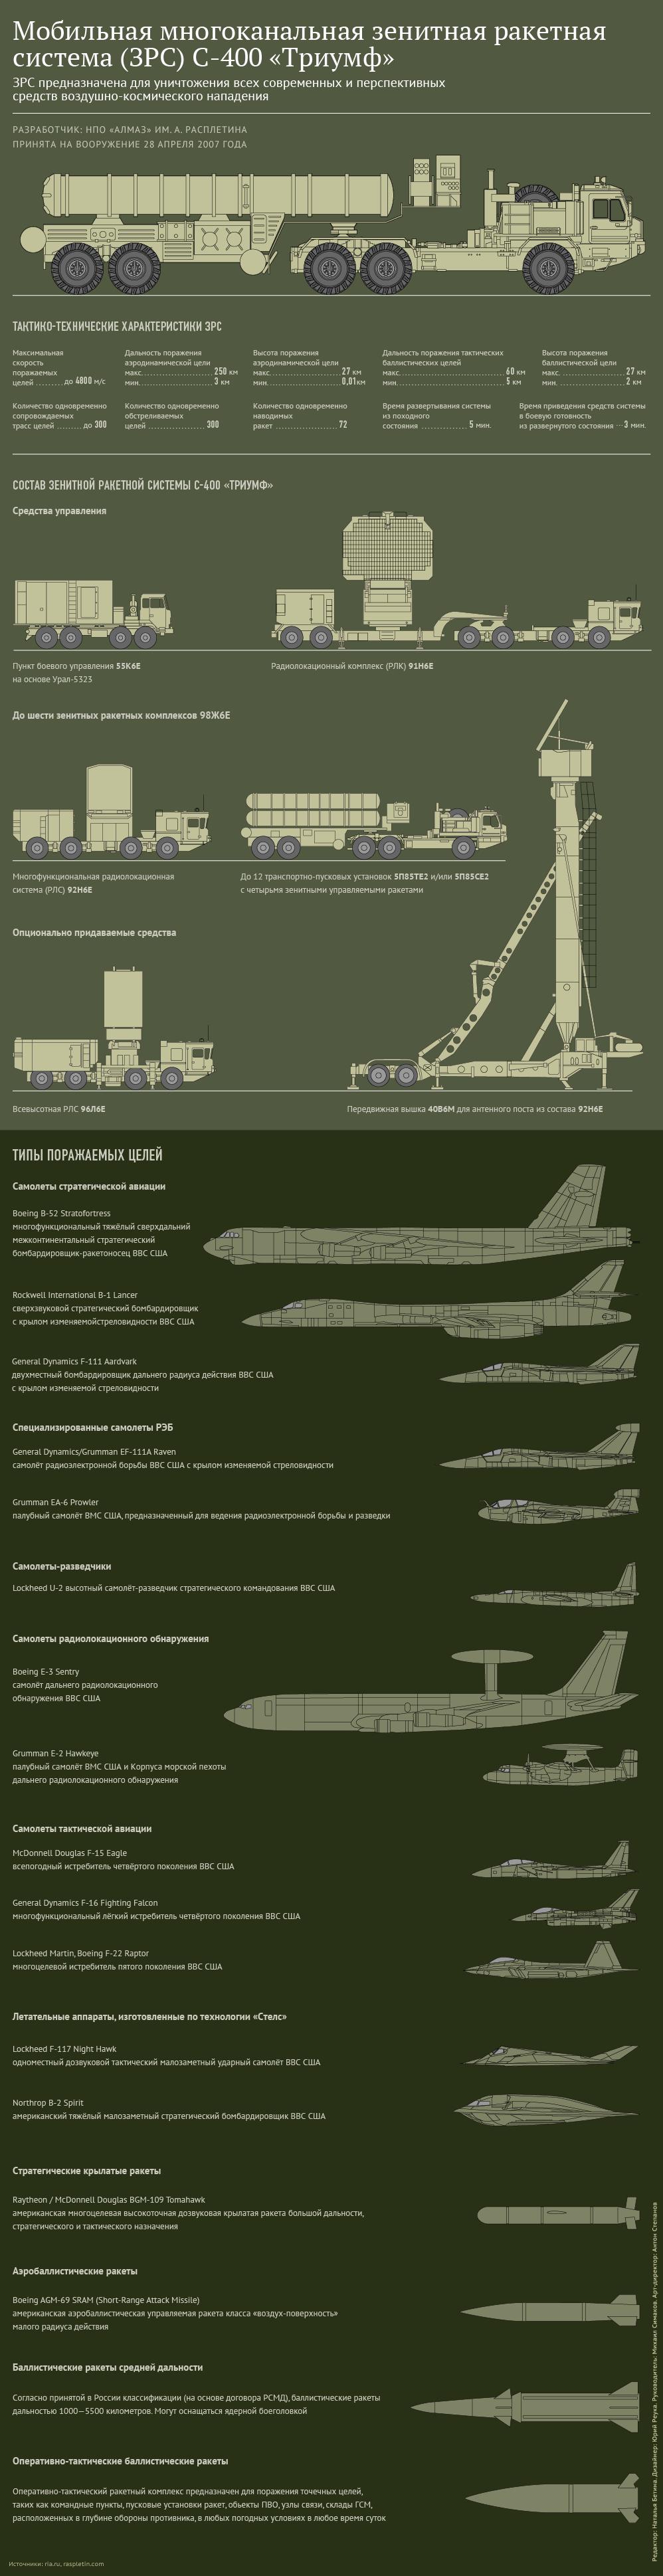 Эрдоган заявил о возможности совместного с Россией производства С-500